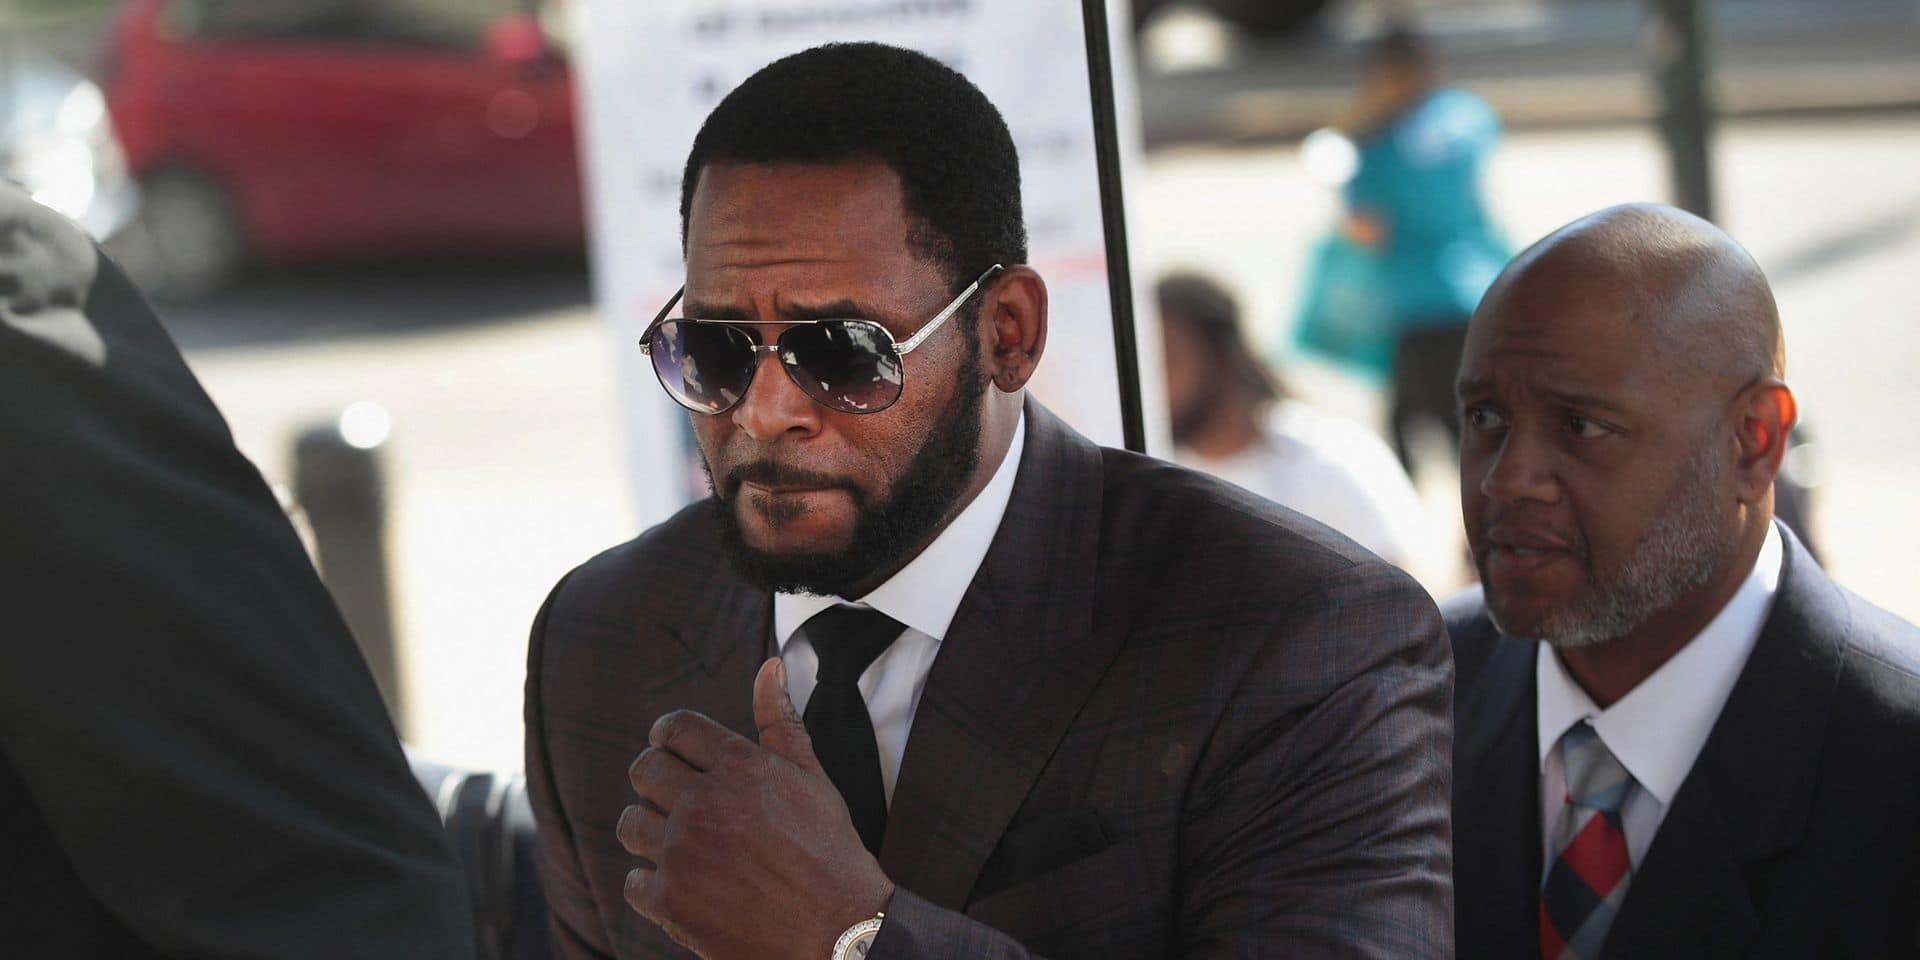 Le chanteur R. Kelly transféré dans une prison de Brooklyn avant son procès, début août